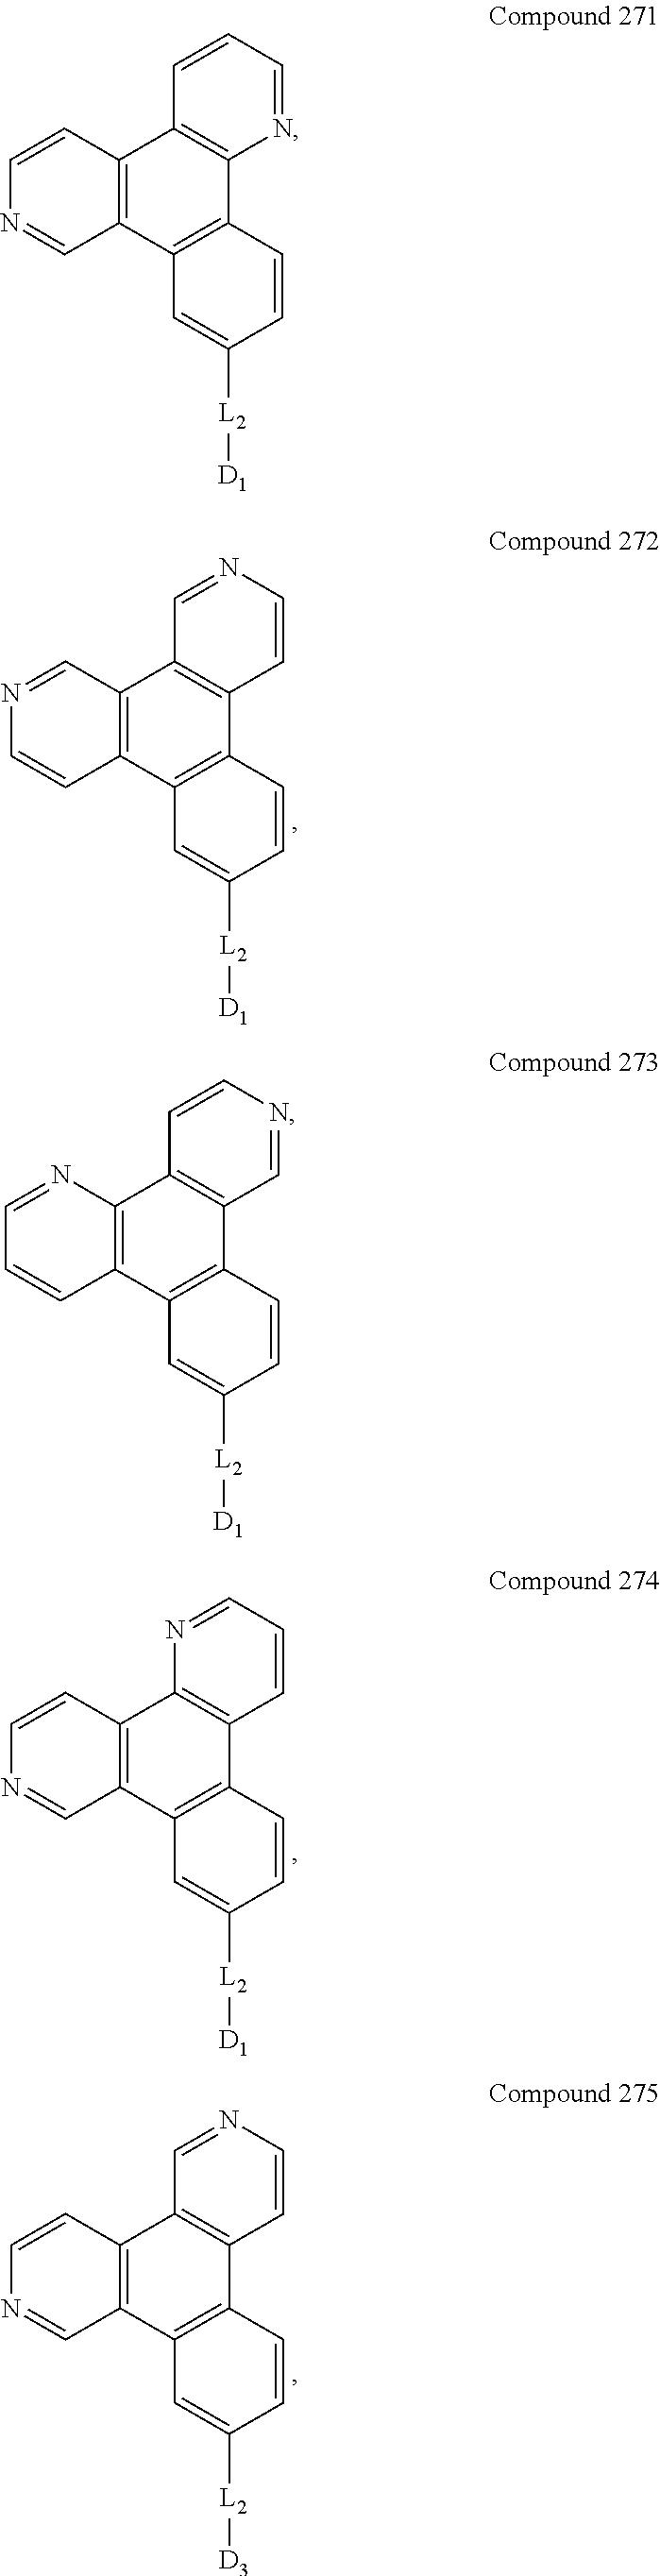 Figure US09537106-20170103-C00210